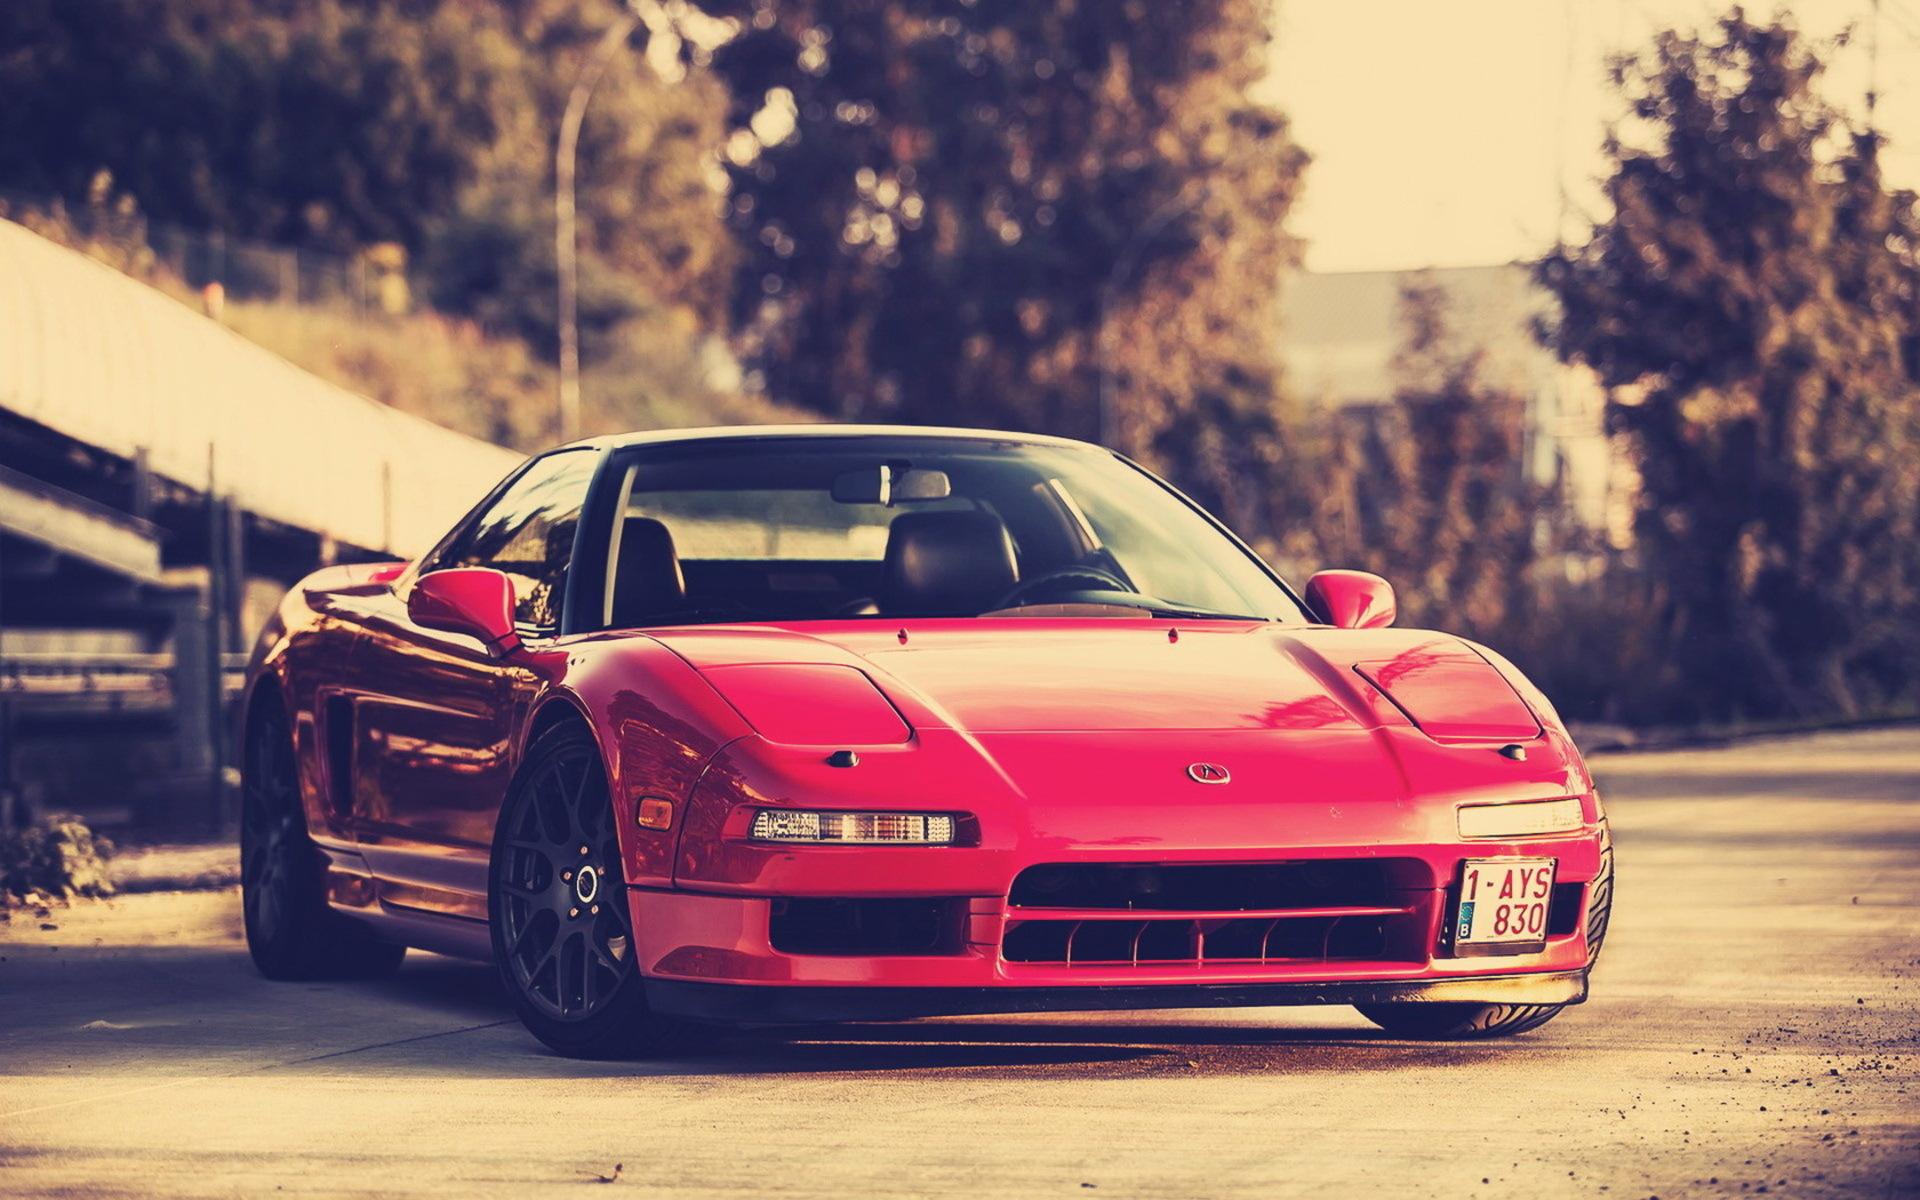 красный автомобиль honda скачать